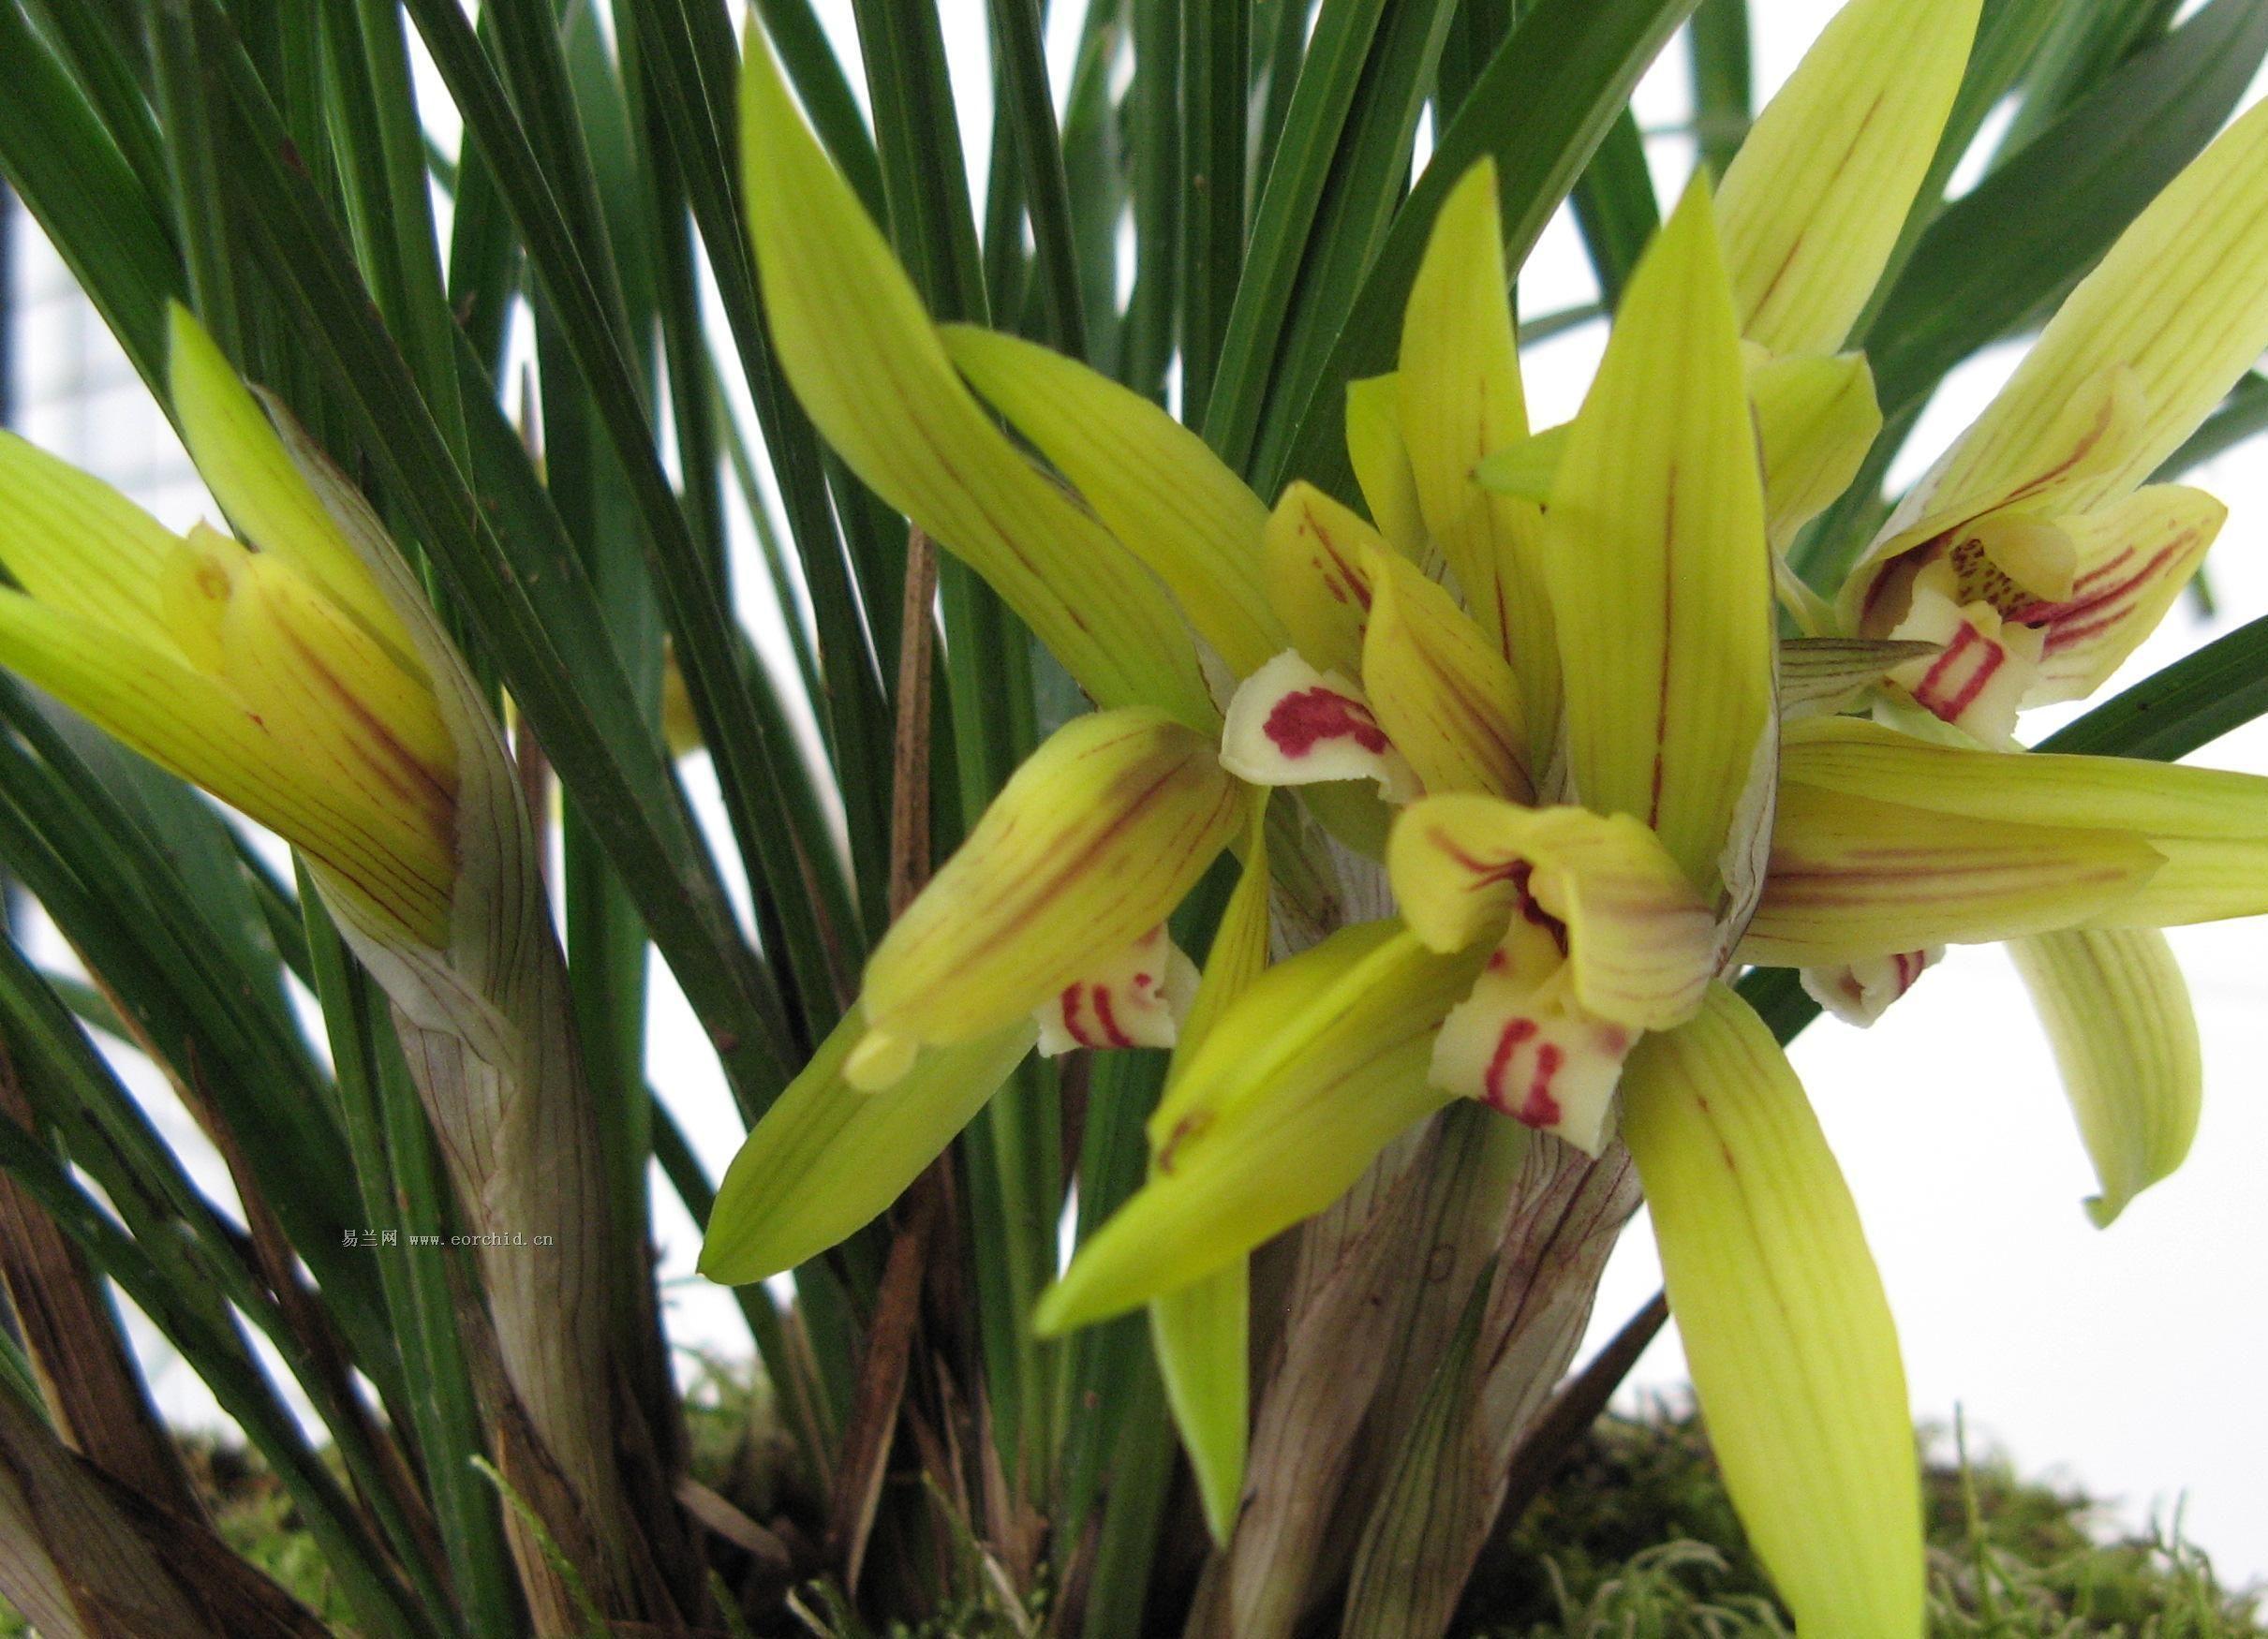 请问这是什么品种的兰花(建兰中的哪个种类)? 附图图片